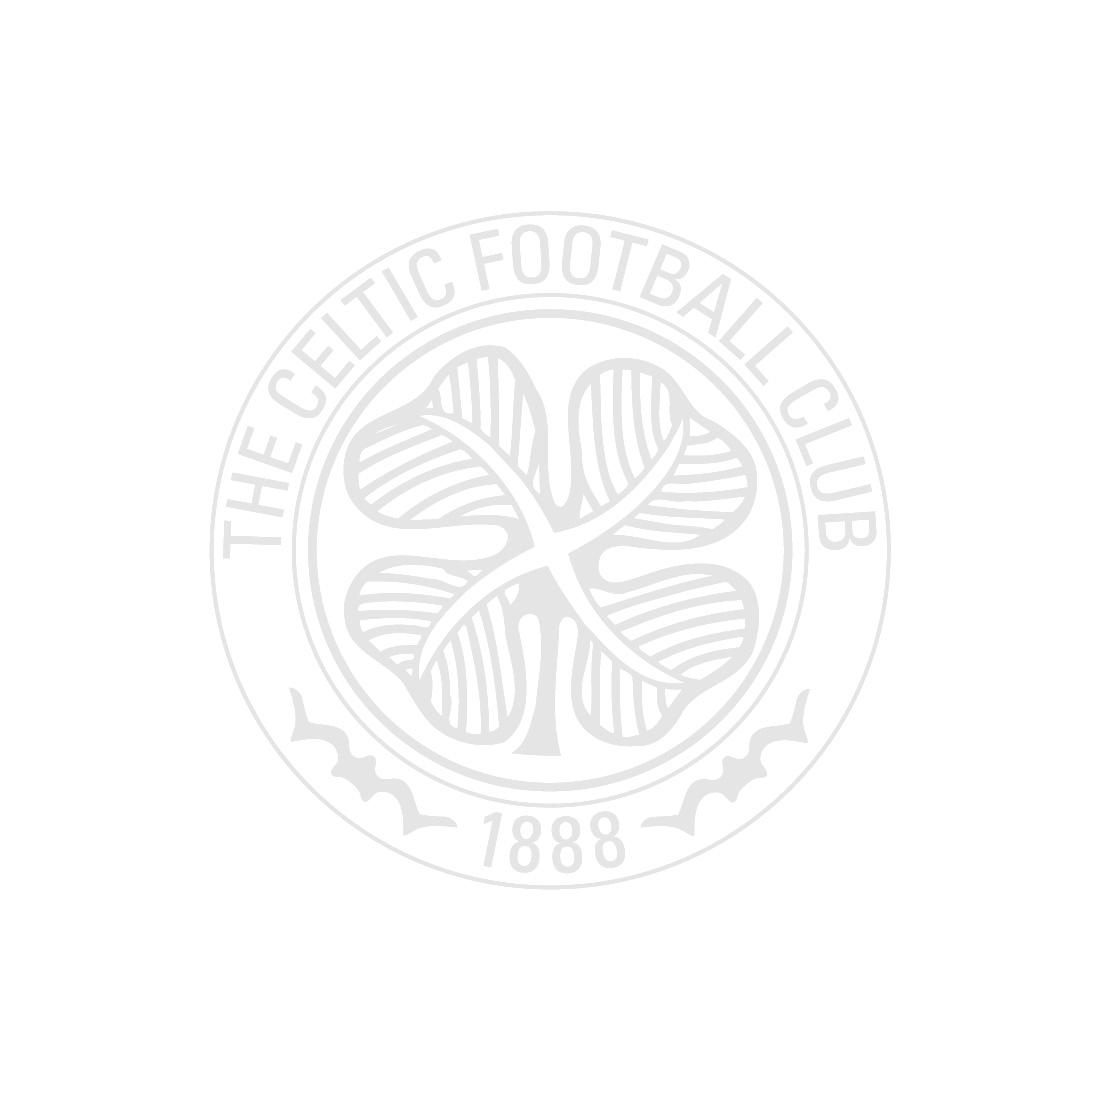 Celtic Double Treble Print